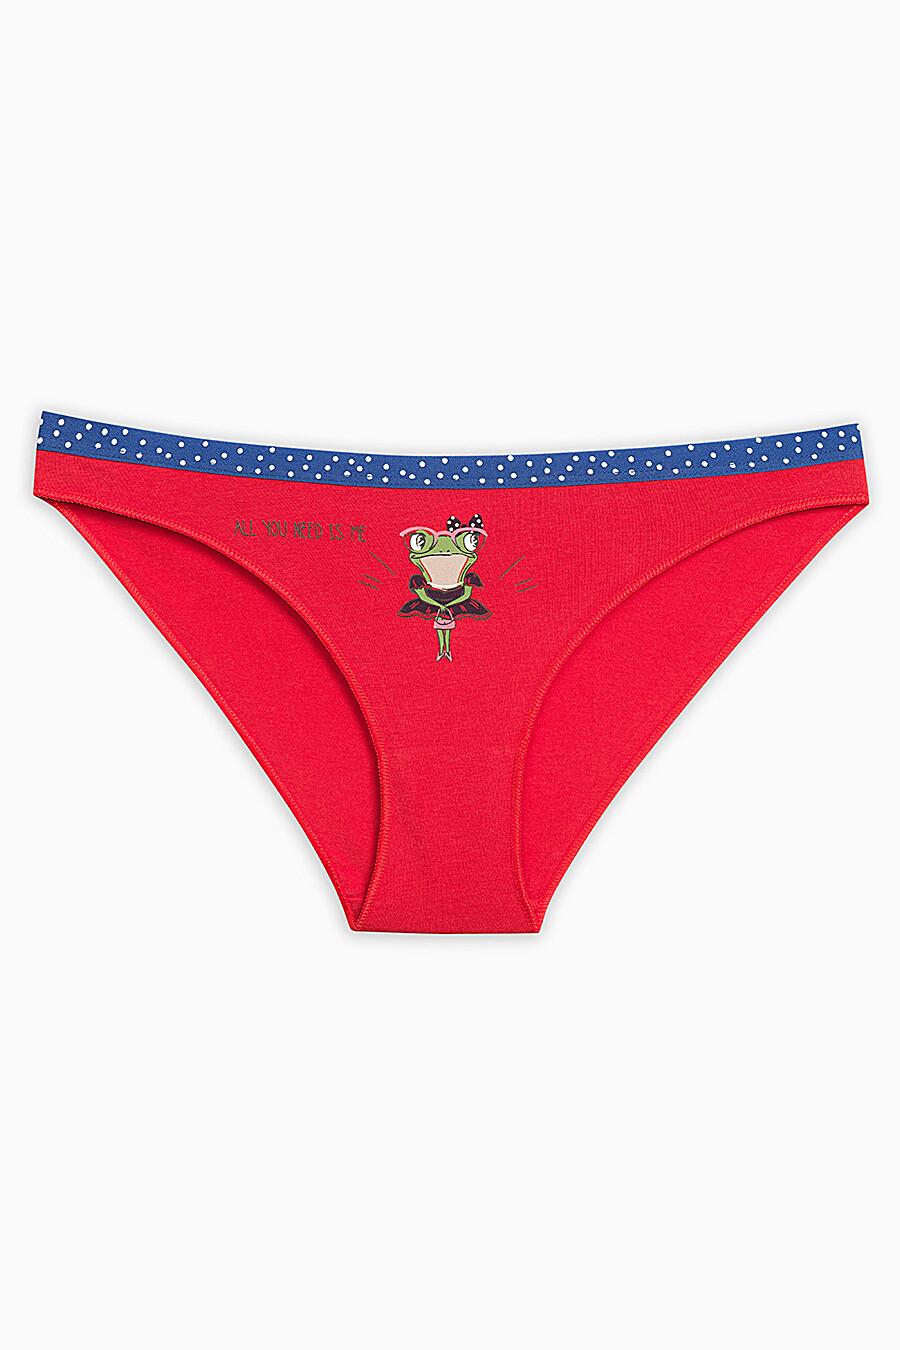 Трусы для женщин PELICAN 146457 купить оптом от производителя. Совместная покупка женской одежды в OptMoyo